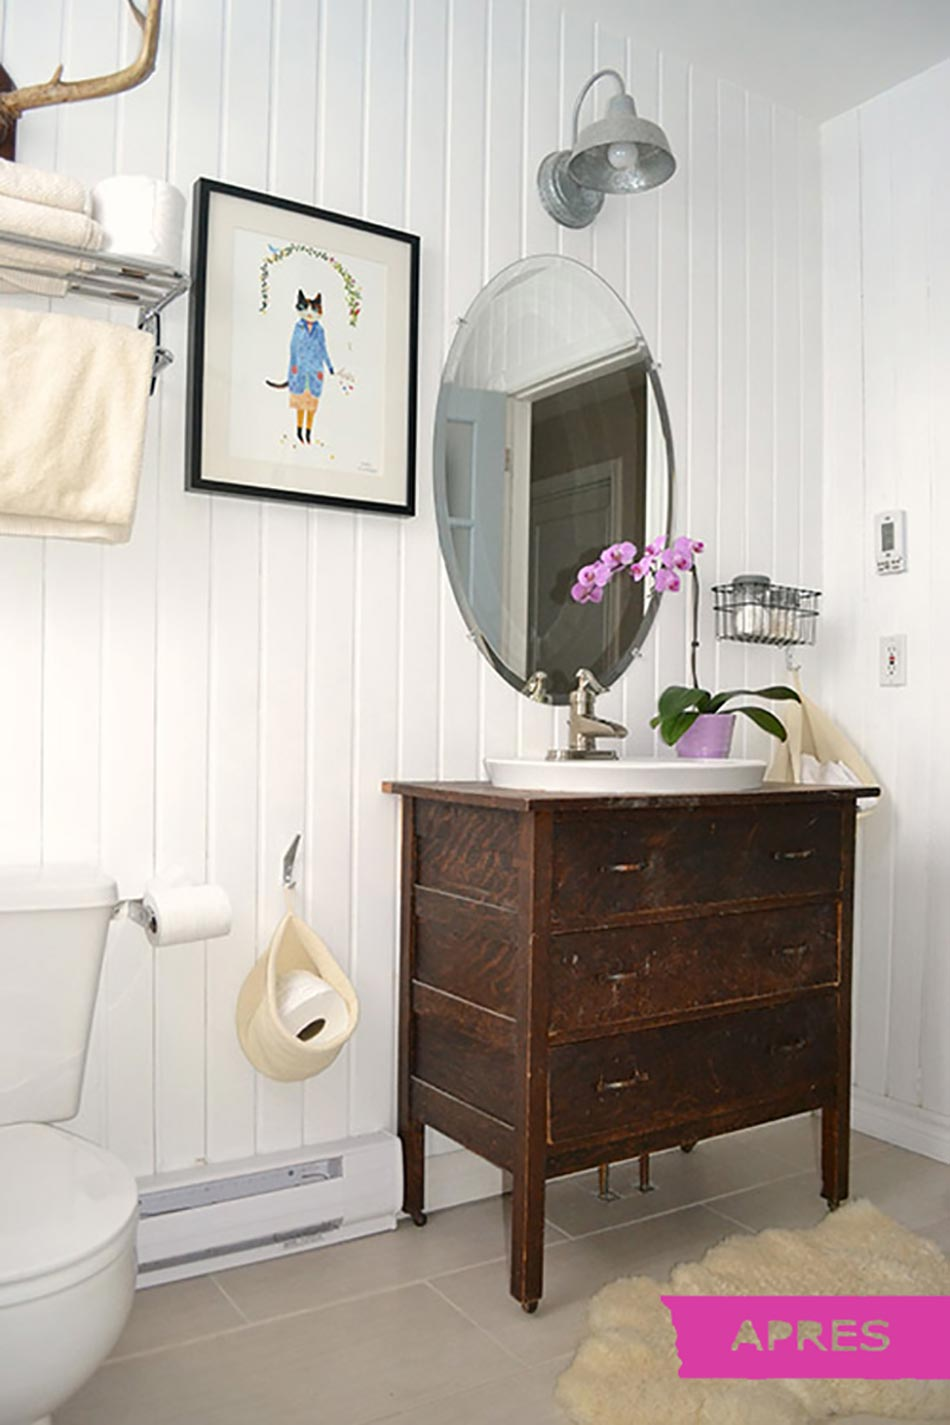 Petit meuble sous lavabo 5 9 apres renovation salle de ukbix for Petit lavabo salle de bain